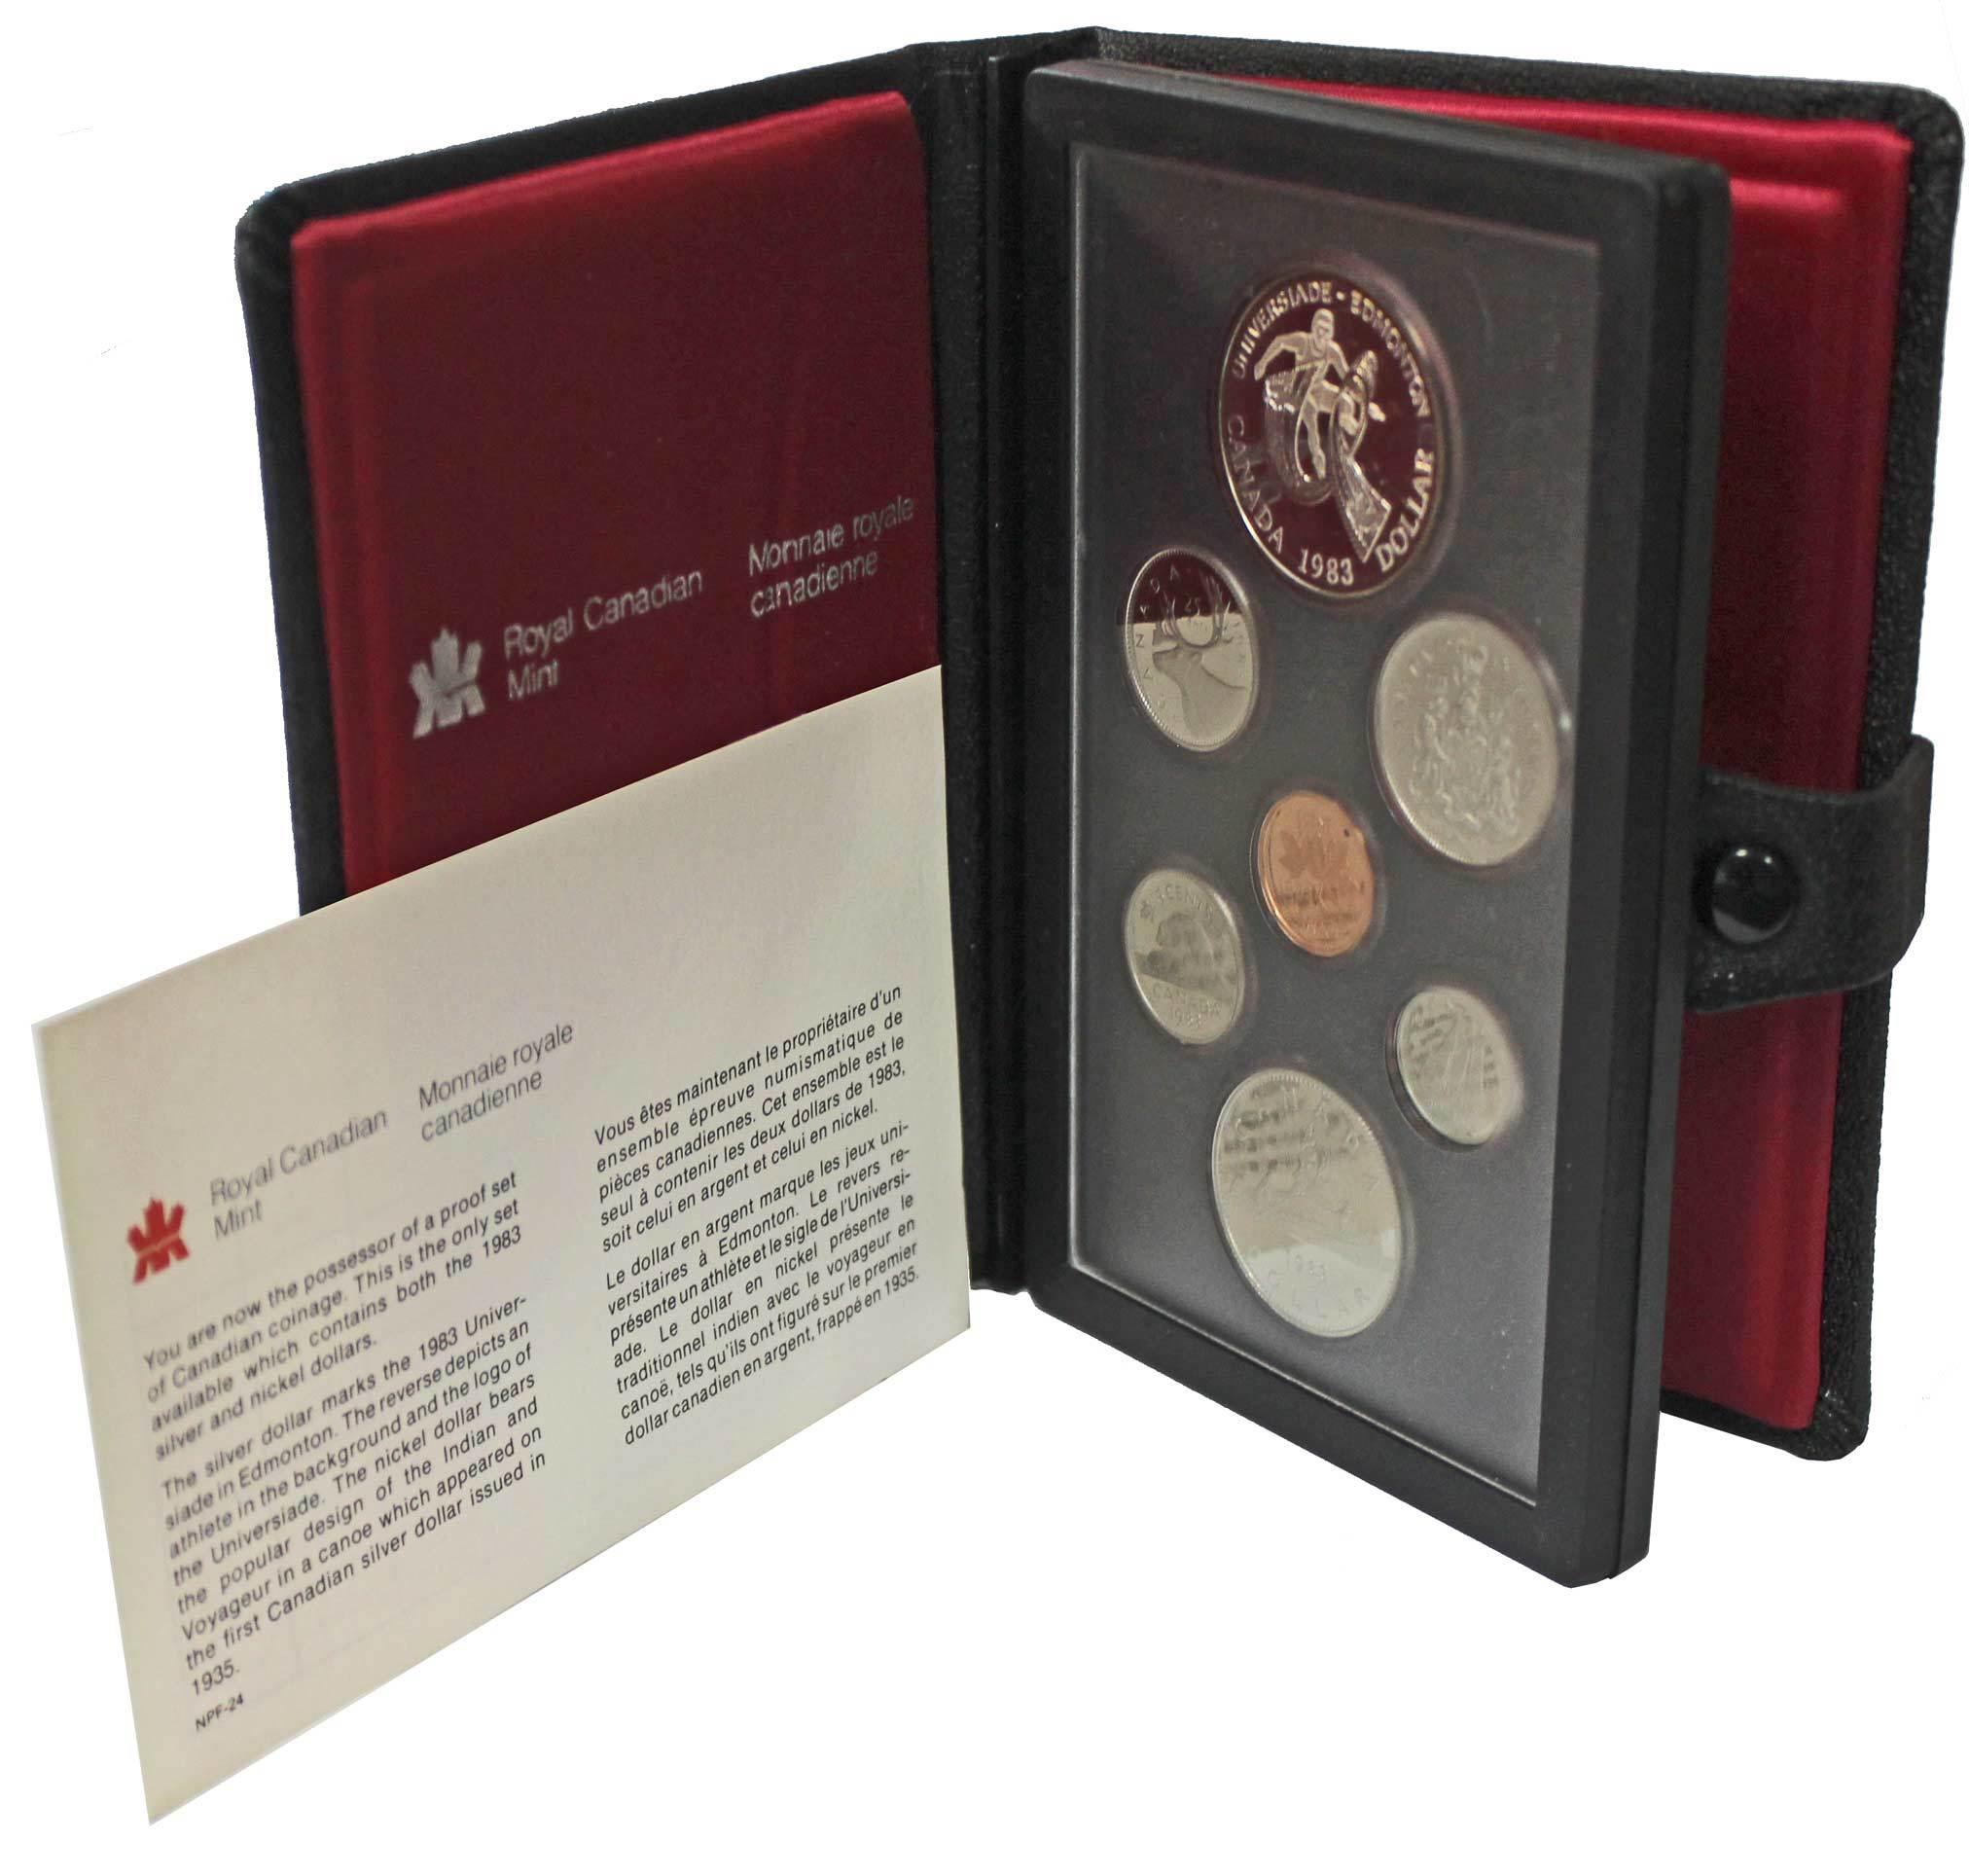 Набор монет Канады 1983 год, в кожаном футляре (Серебро, никель, бронза). PROOF